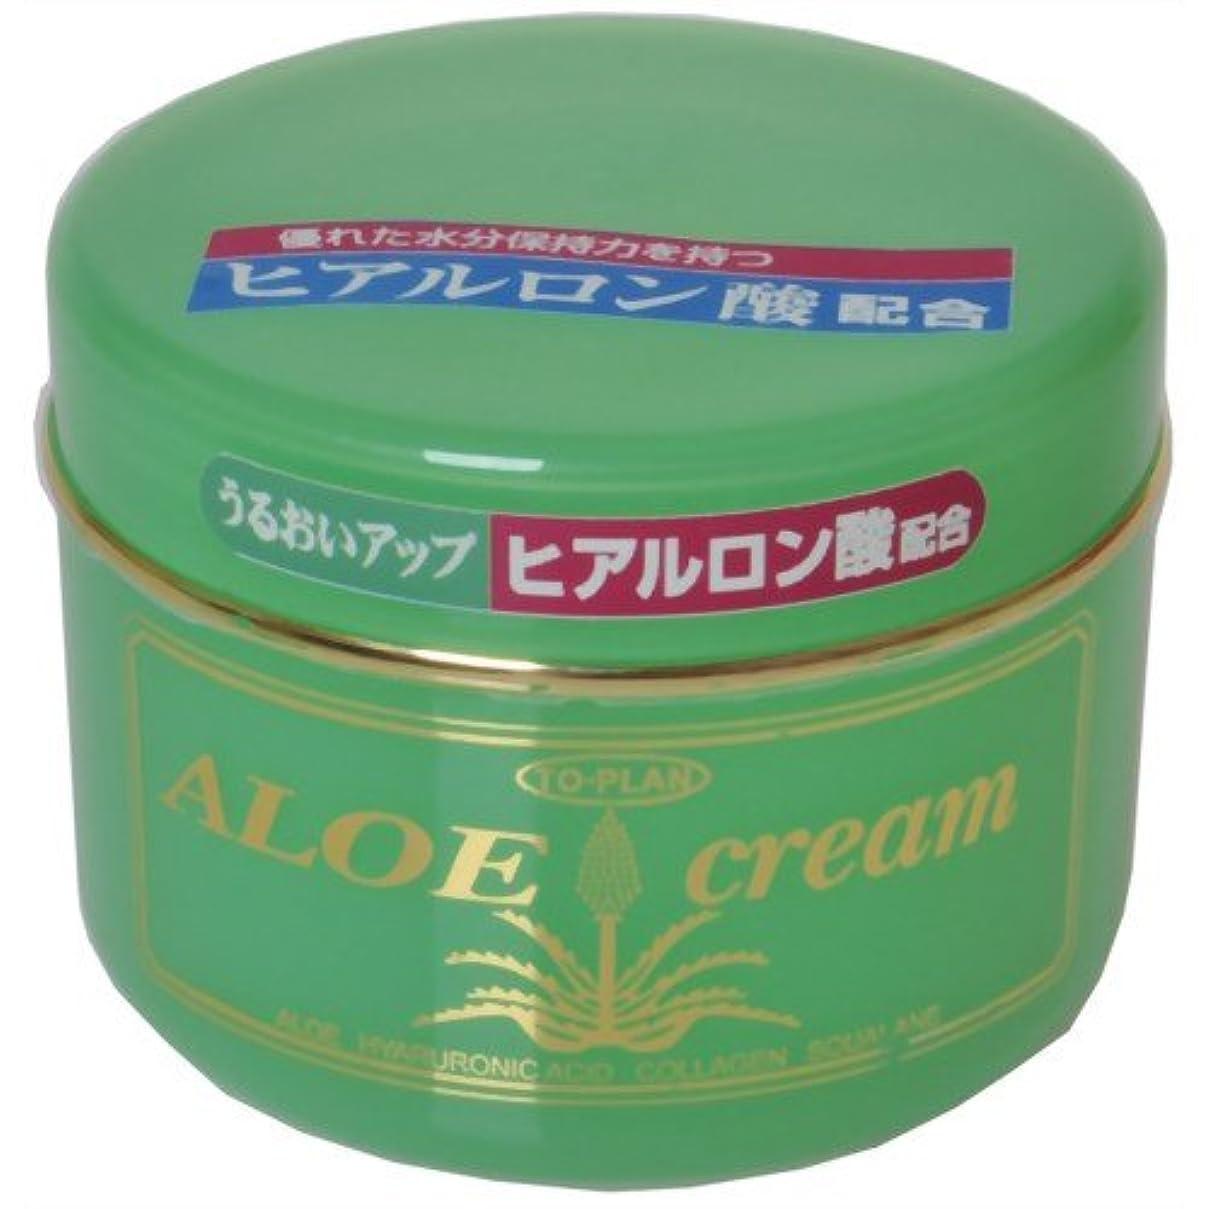 好きである象たくさんTO-PLAN(トプラン) ヒアルロン酸?アロエエキス?スクワラン配合アロエクリーム170g